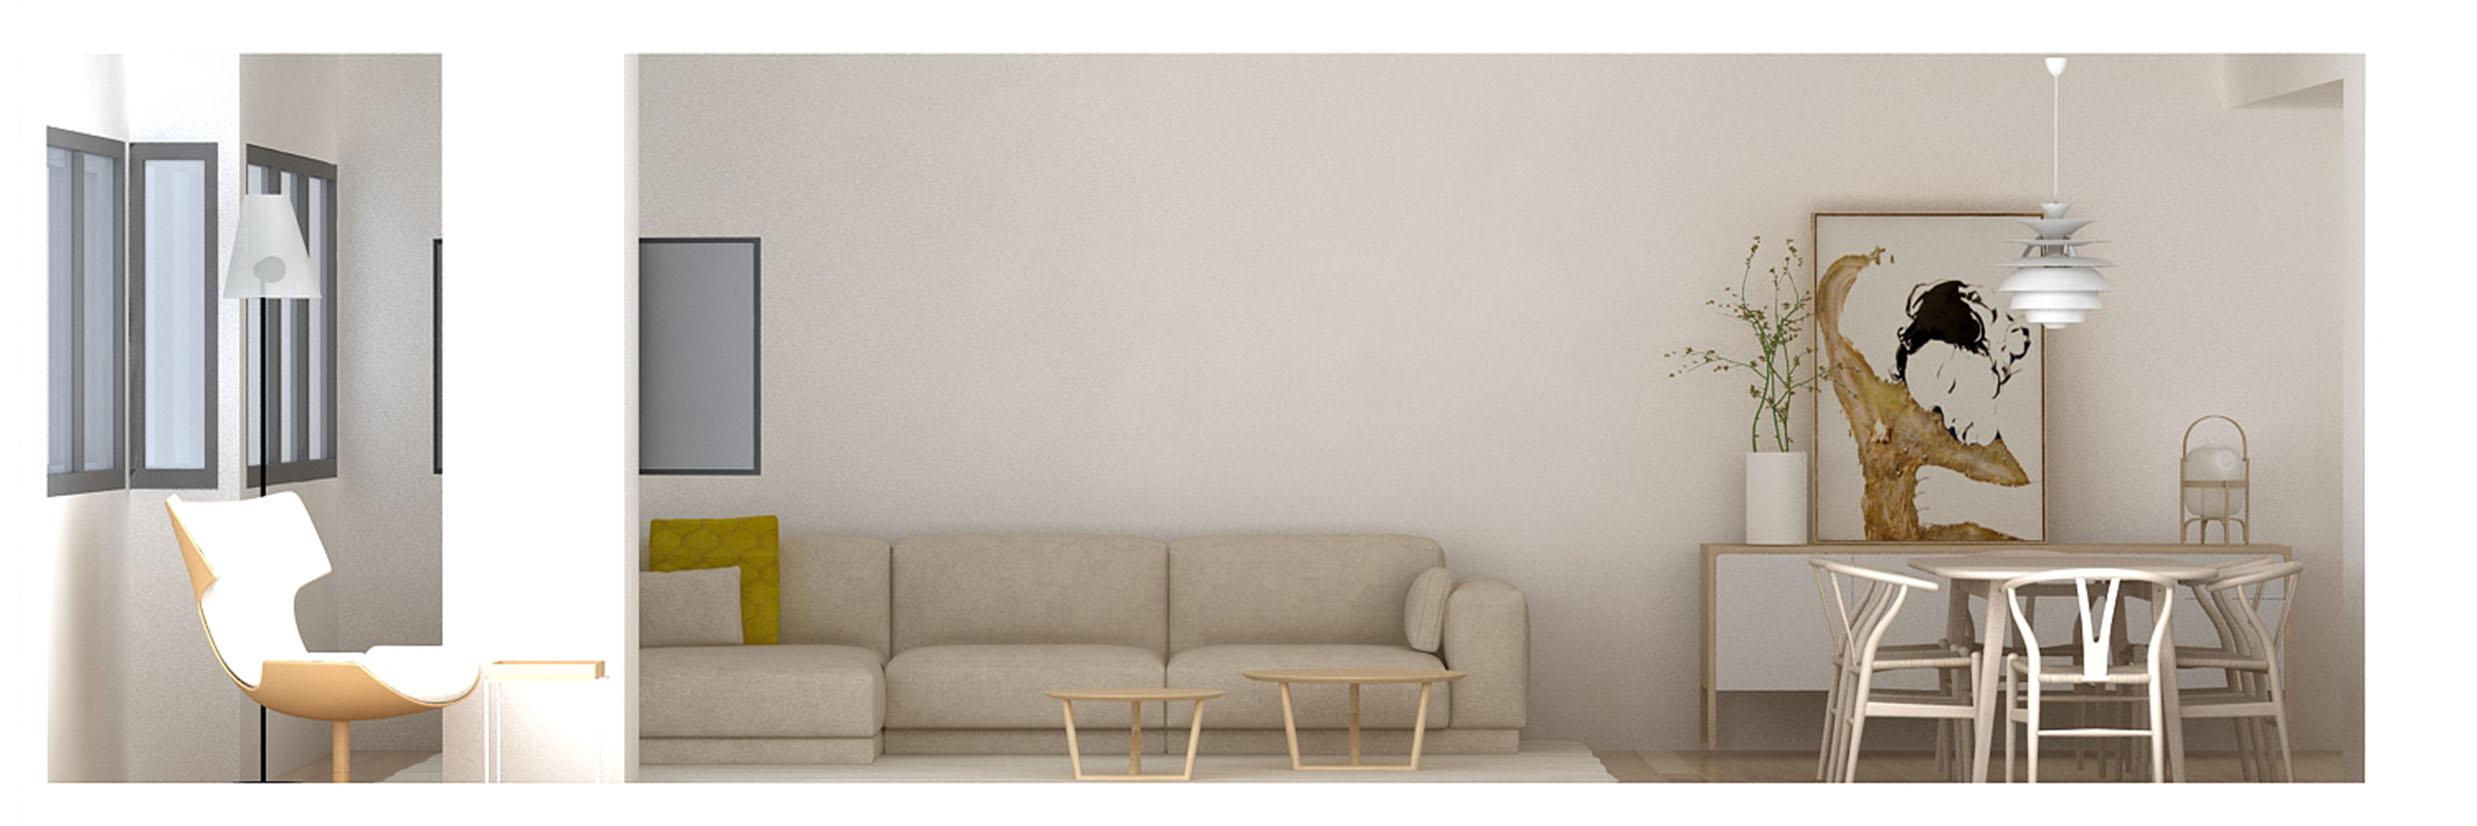 diseño de interiores valencia , arquitectura sostenible , decoracion mediterranea, studio transparente